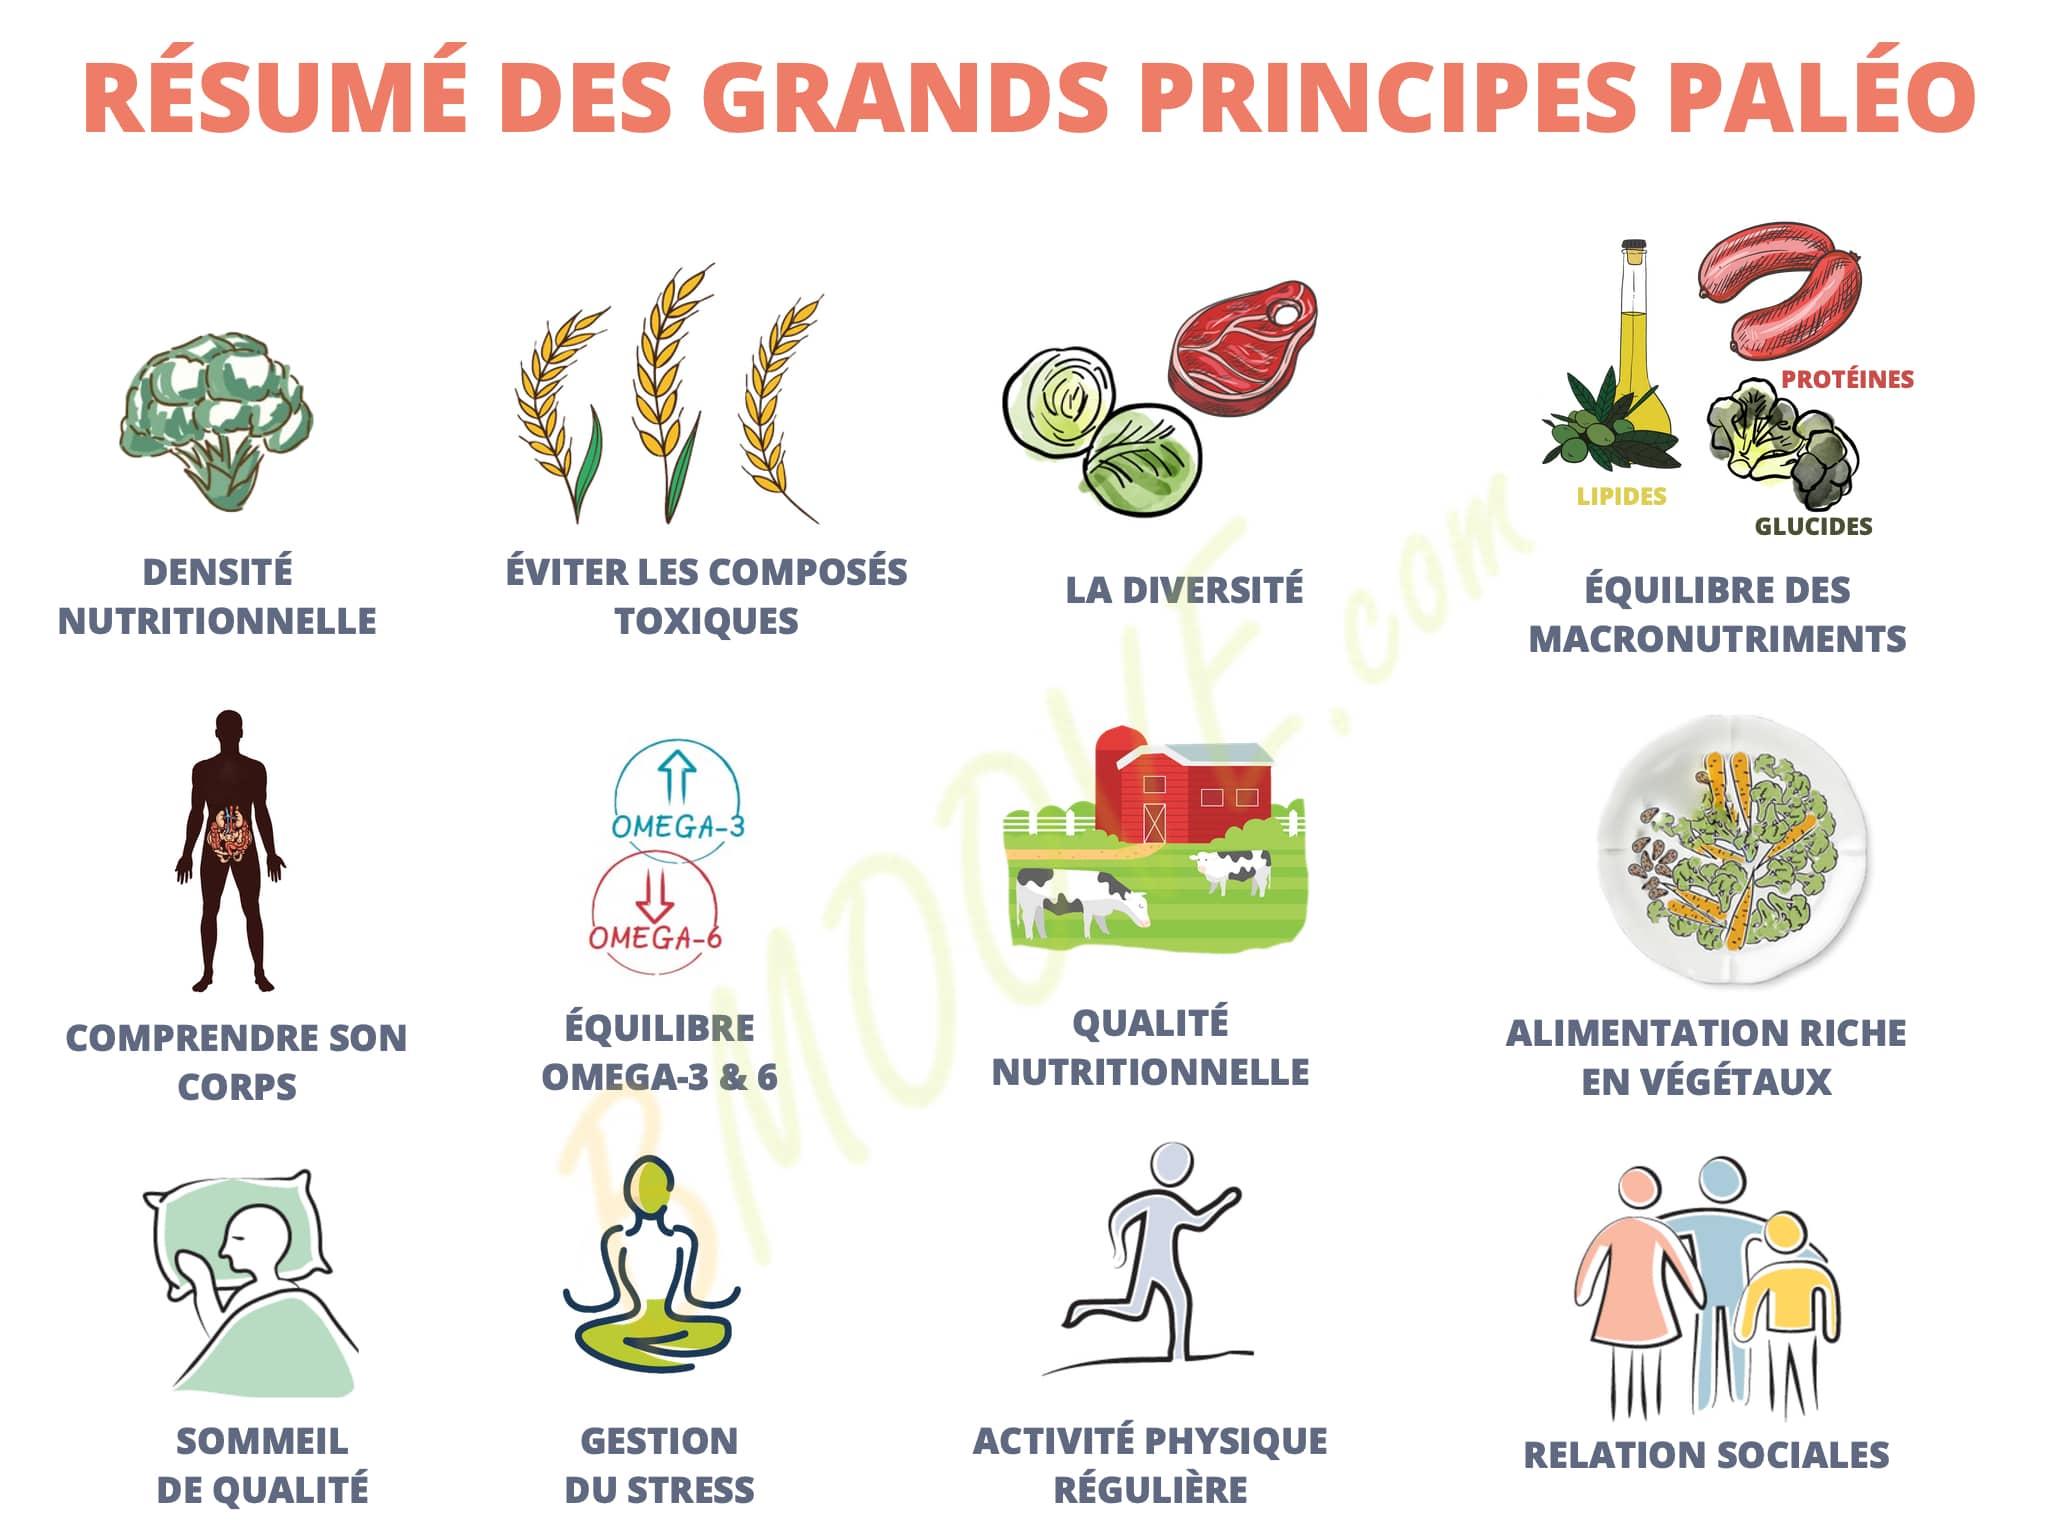 GRANDS PRINCIPES PALÉO